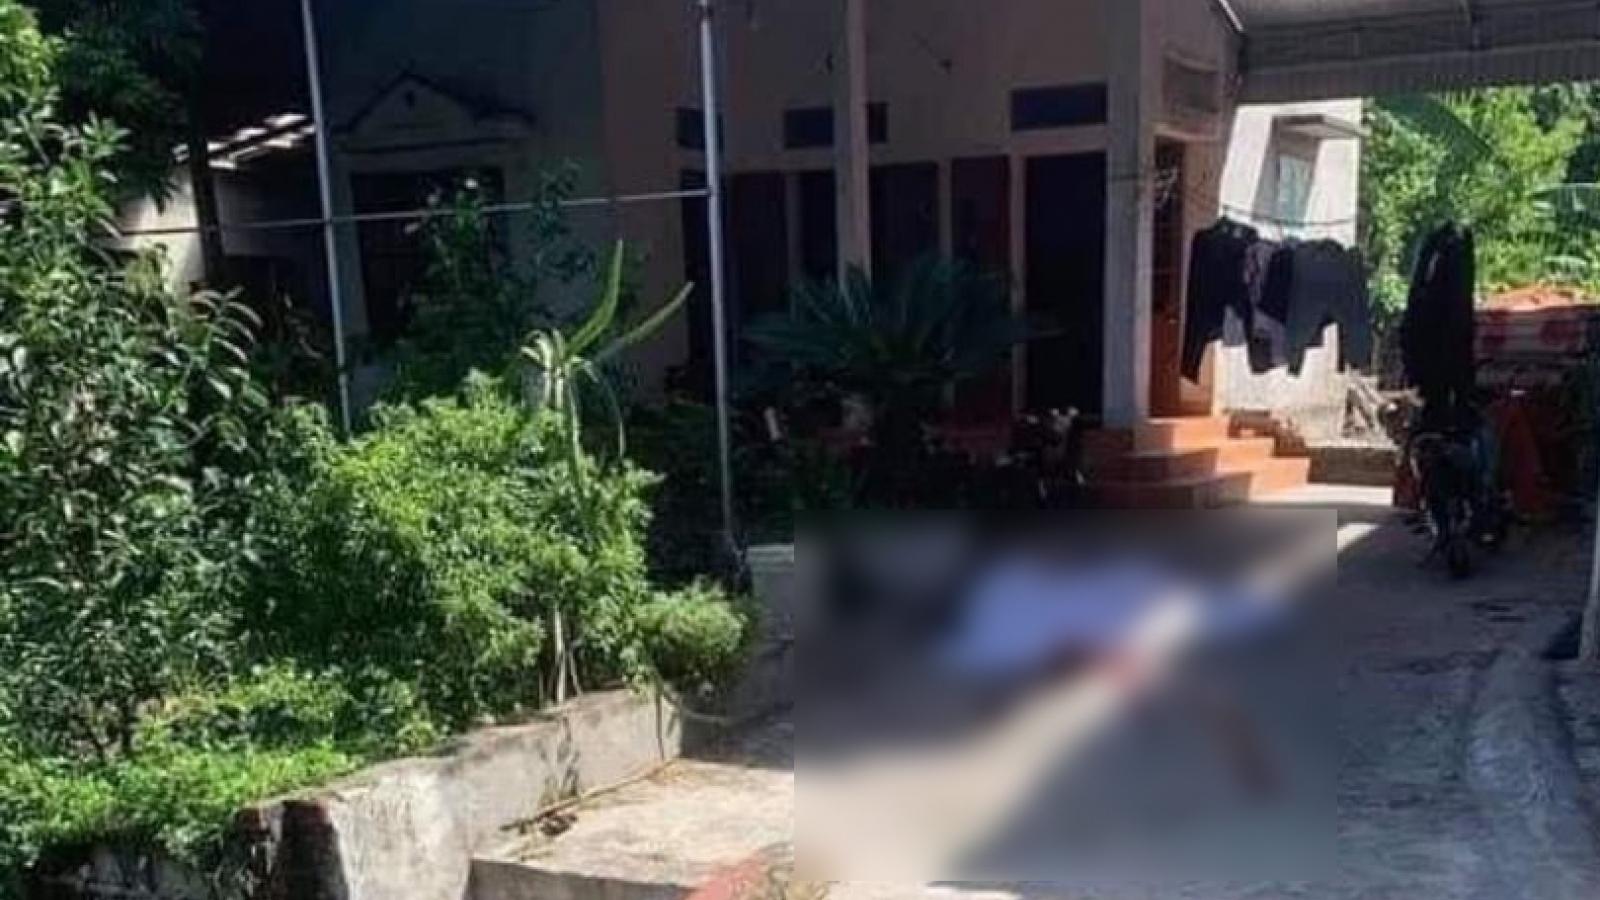 Thảm án ở Thái Bình: Con rể truy sát cả nhà vợ khiến 3 người tử vong